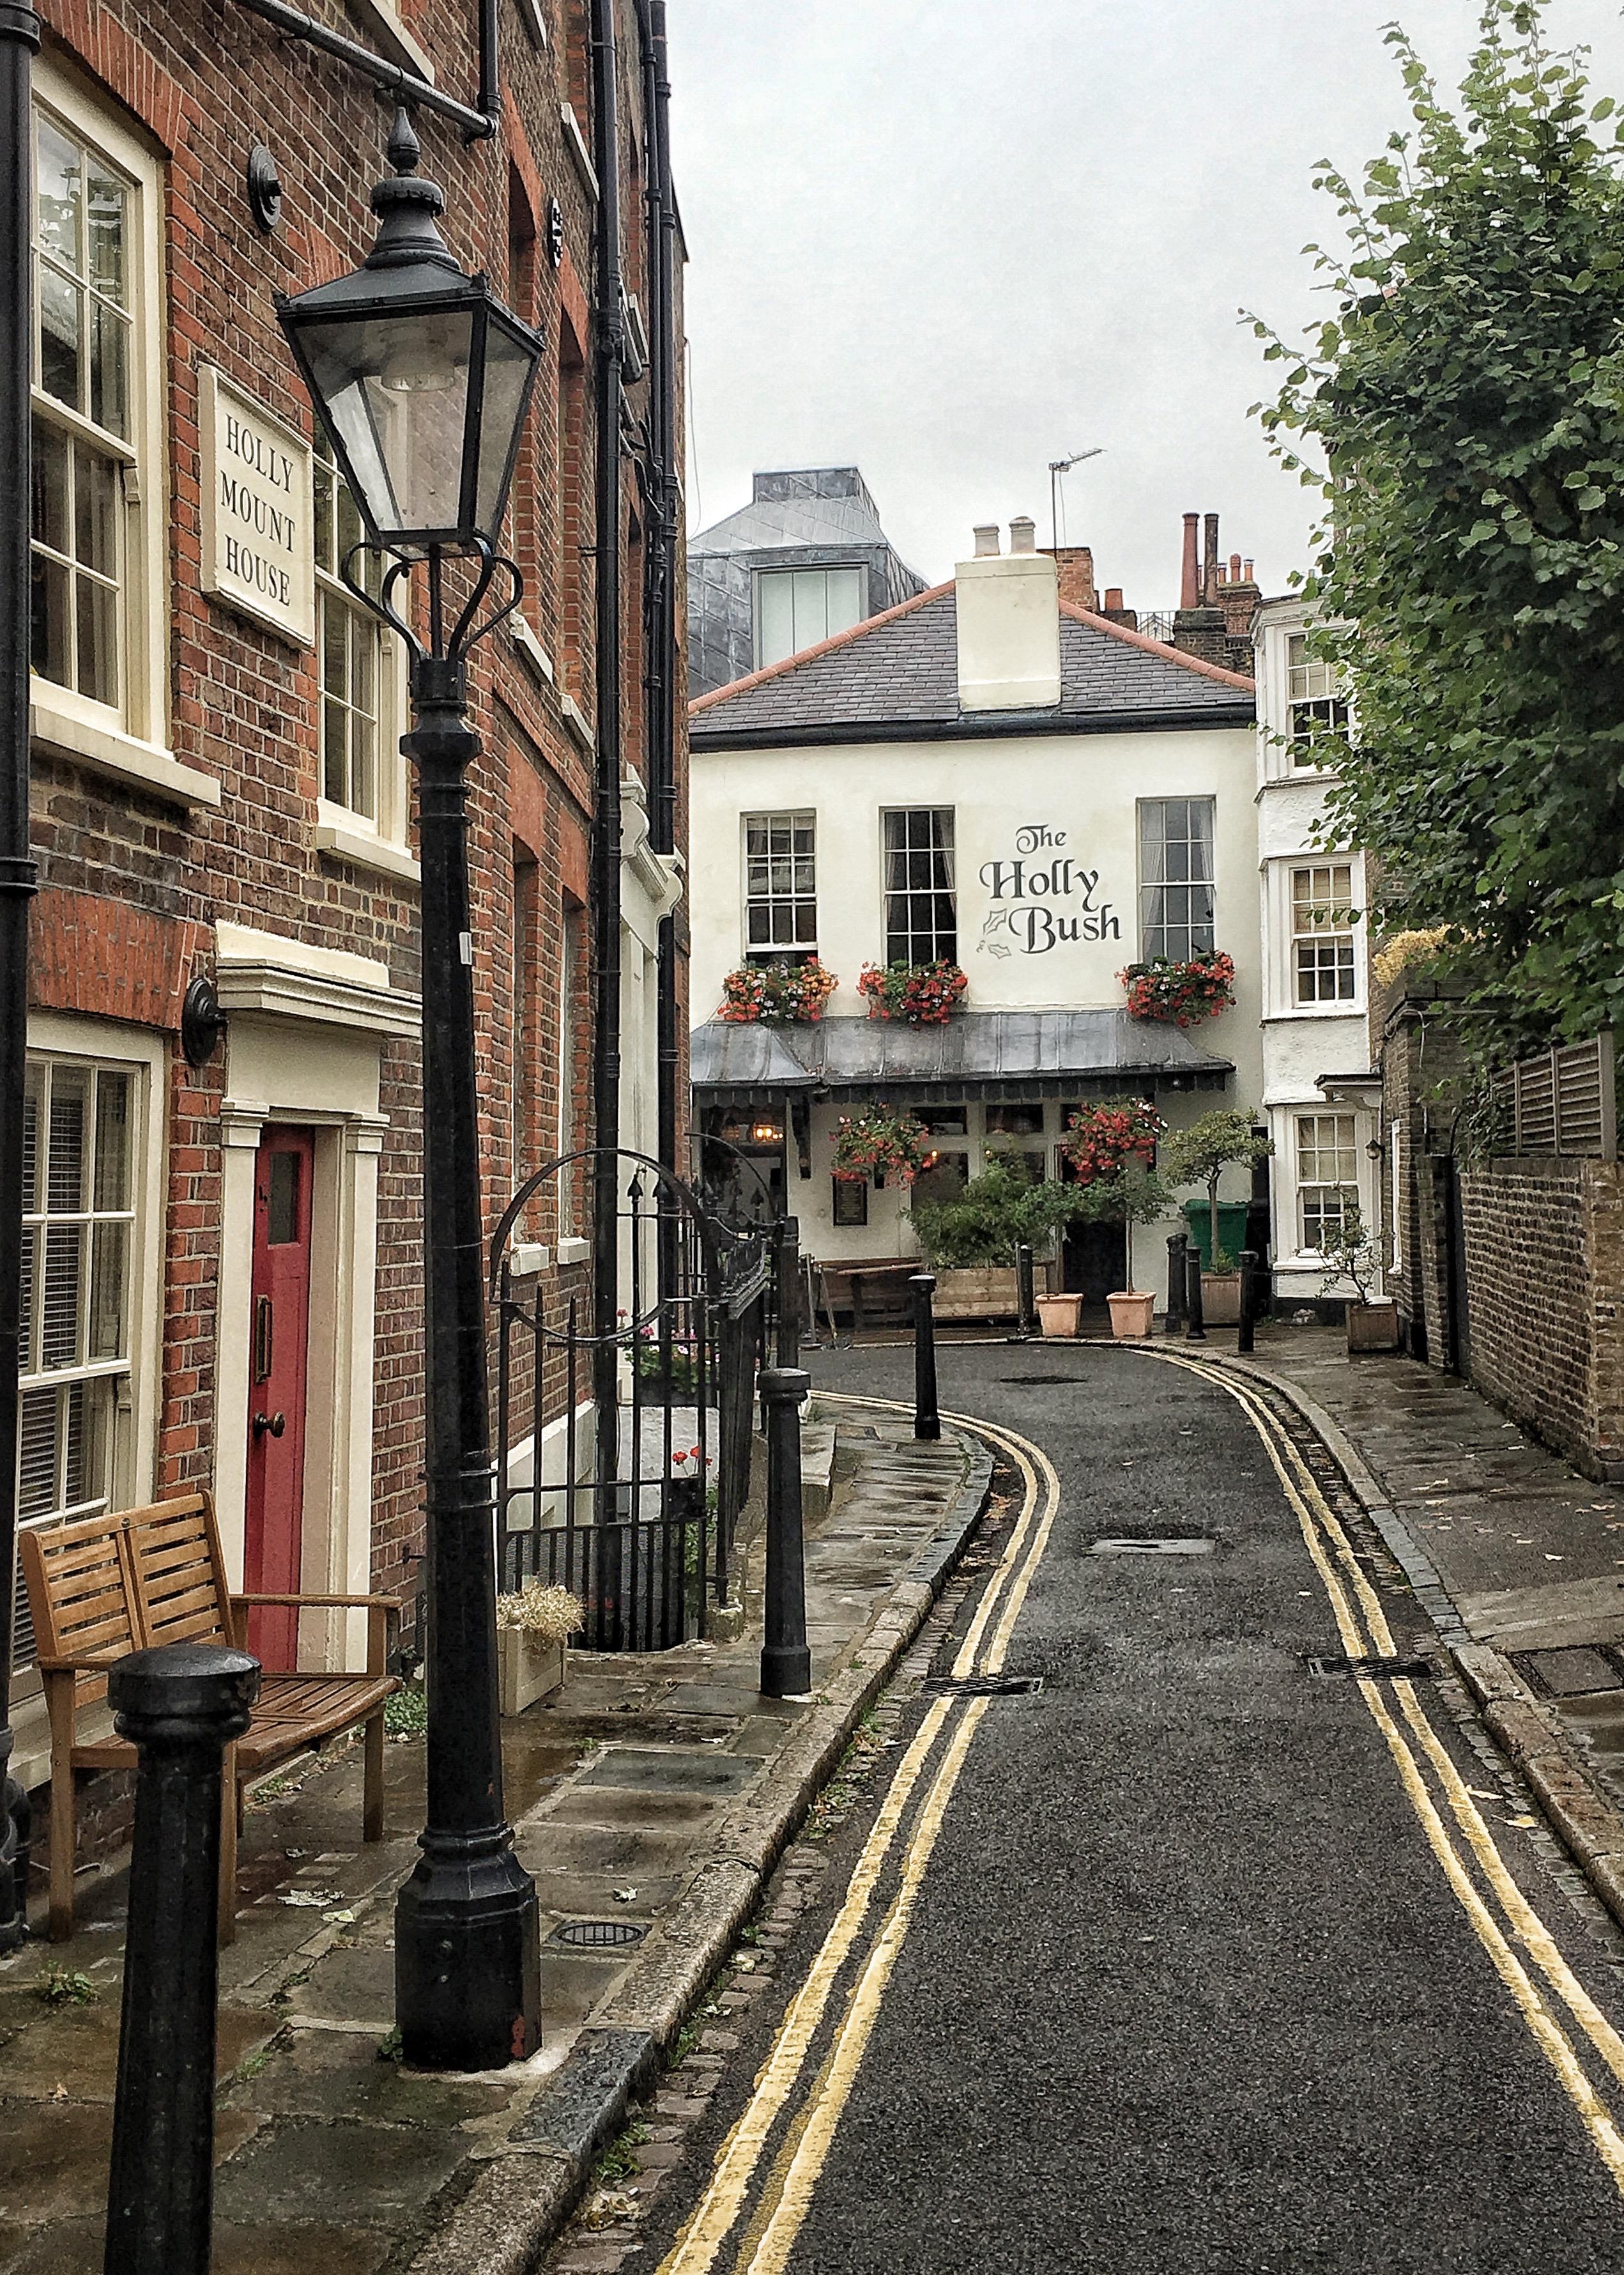 The Holly Bush, storico pub di Londra